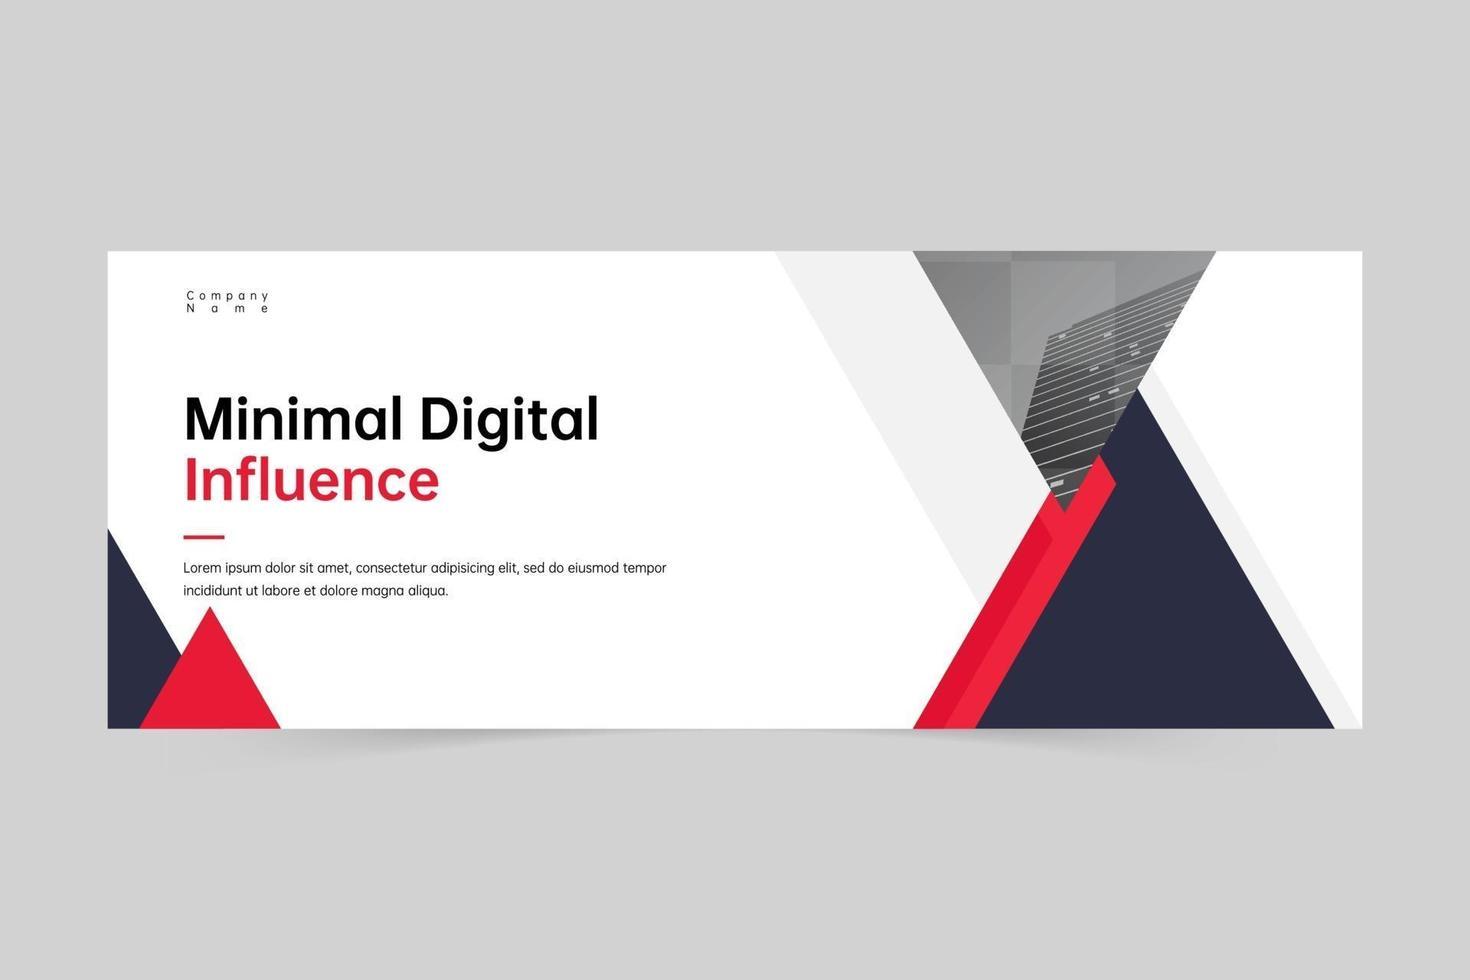 plantilla de banner de agencia de marketing digital profesional geométrico creativo vector